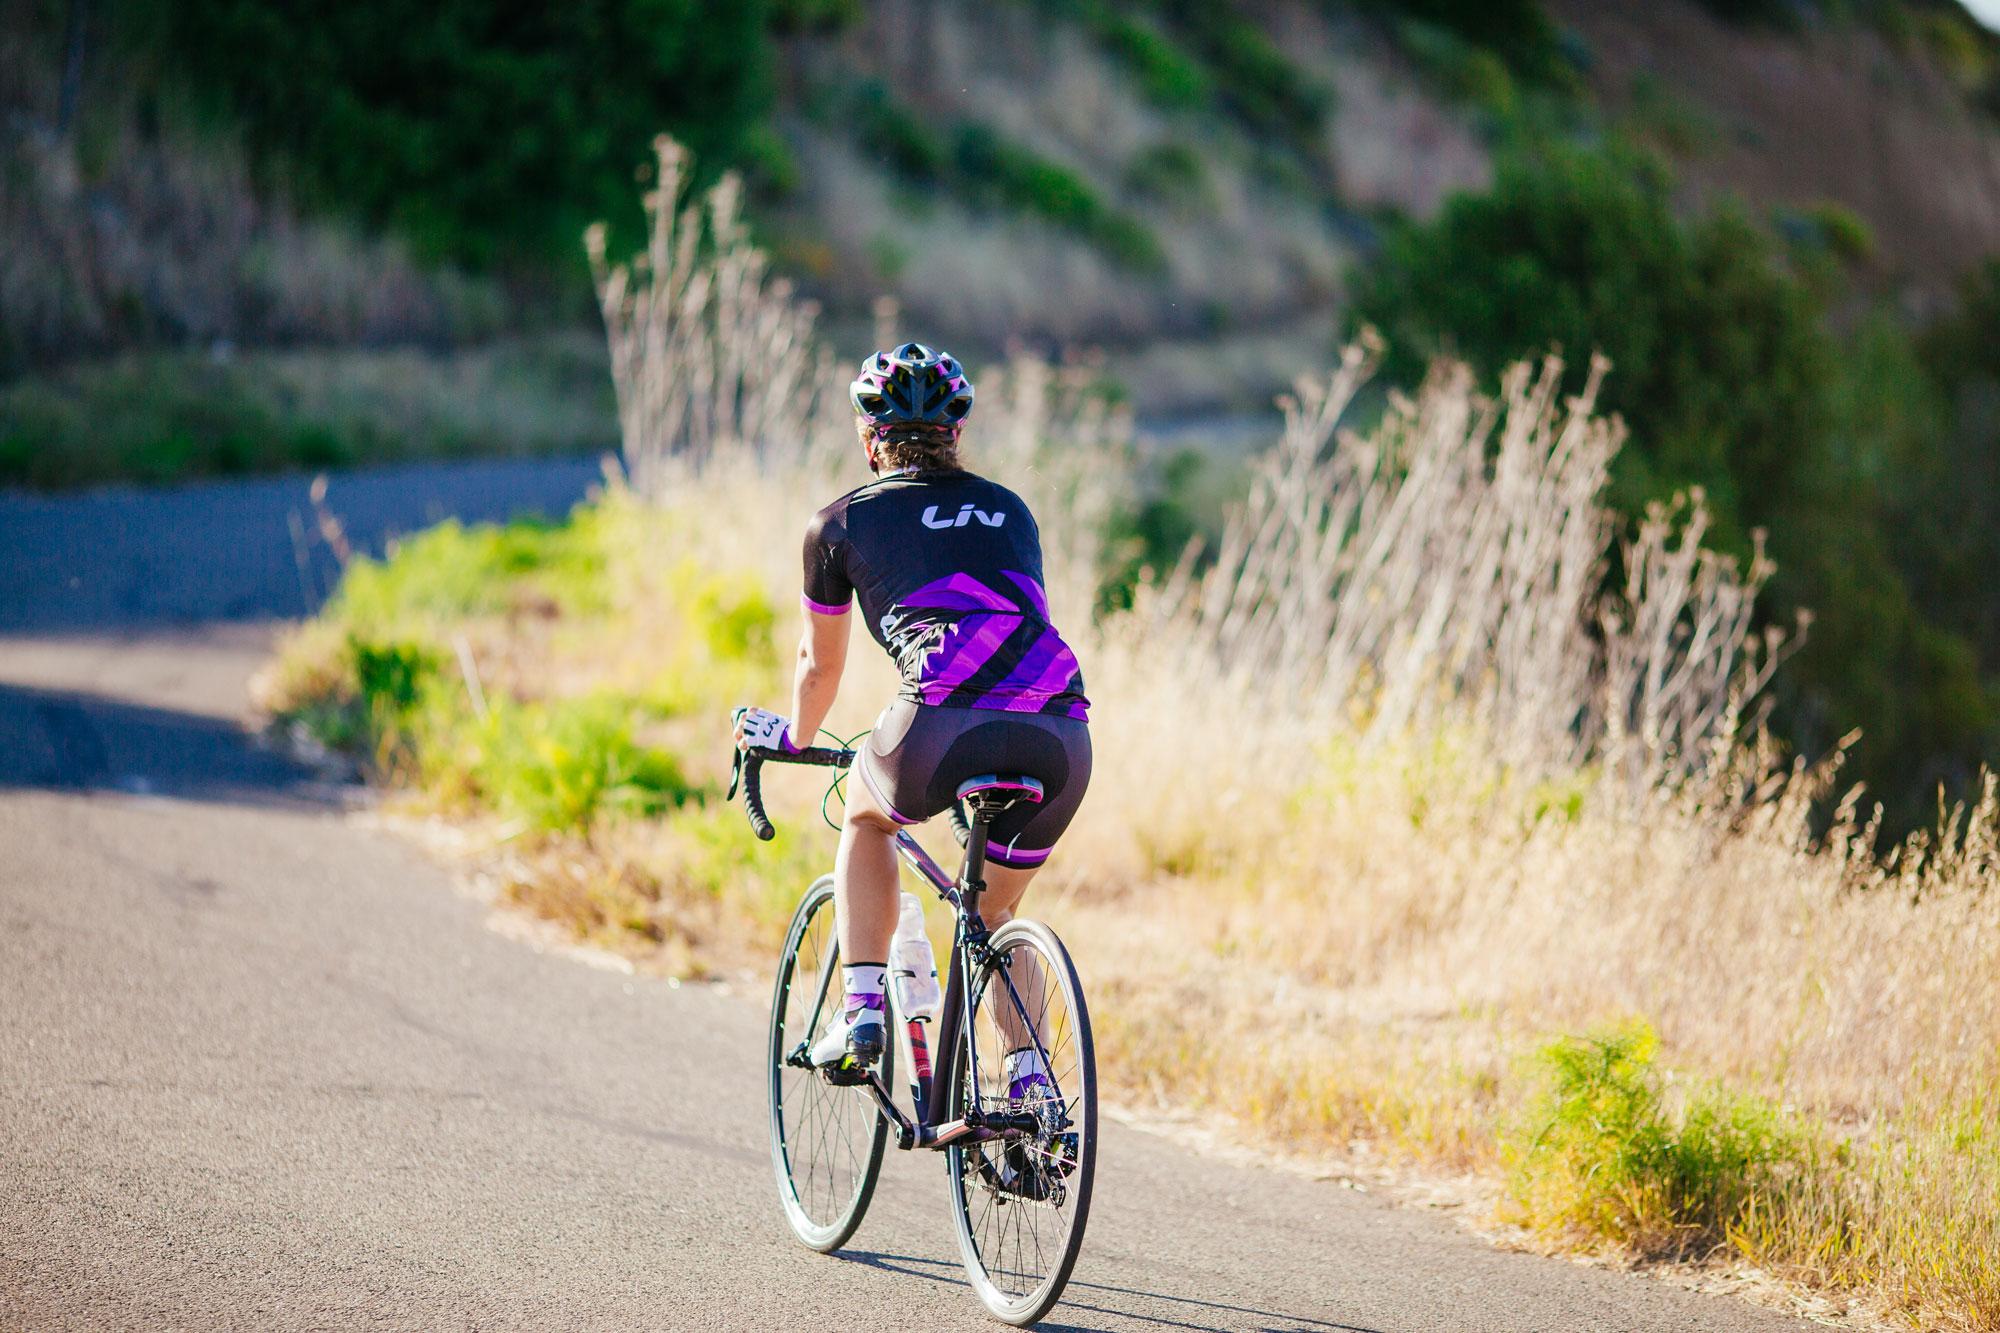 Ubranie na rower – co założyć? Poradnik dla amatorek